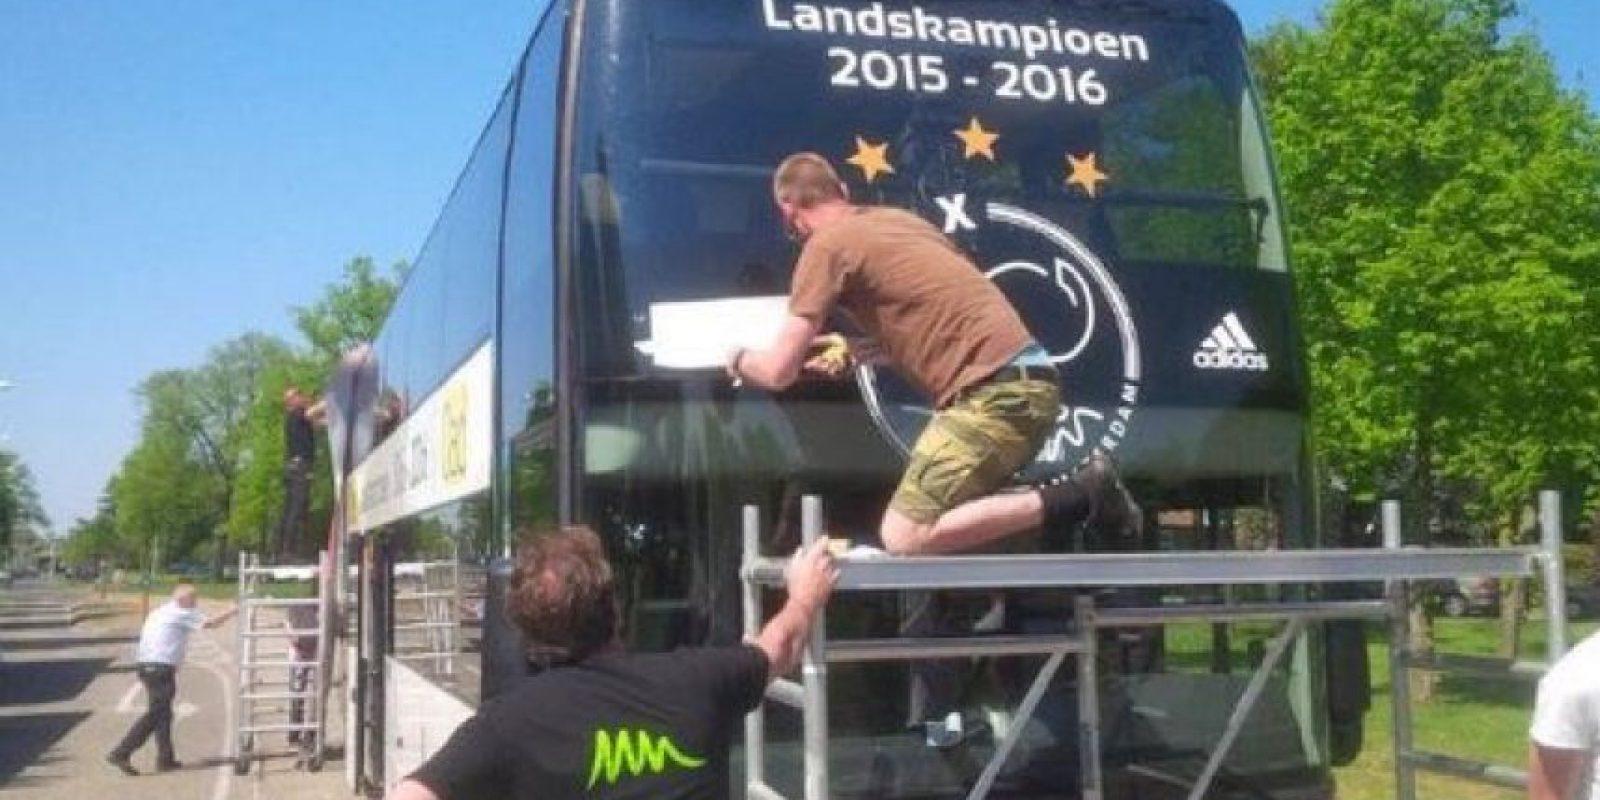 No son los primeros que se quedan con las ganas en esta temporada y Ajax también tuvo que guardar su bus de campeón, luego que perdieran el título en la última fecha Foto:Captura de pantalla